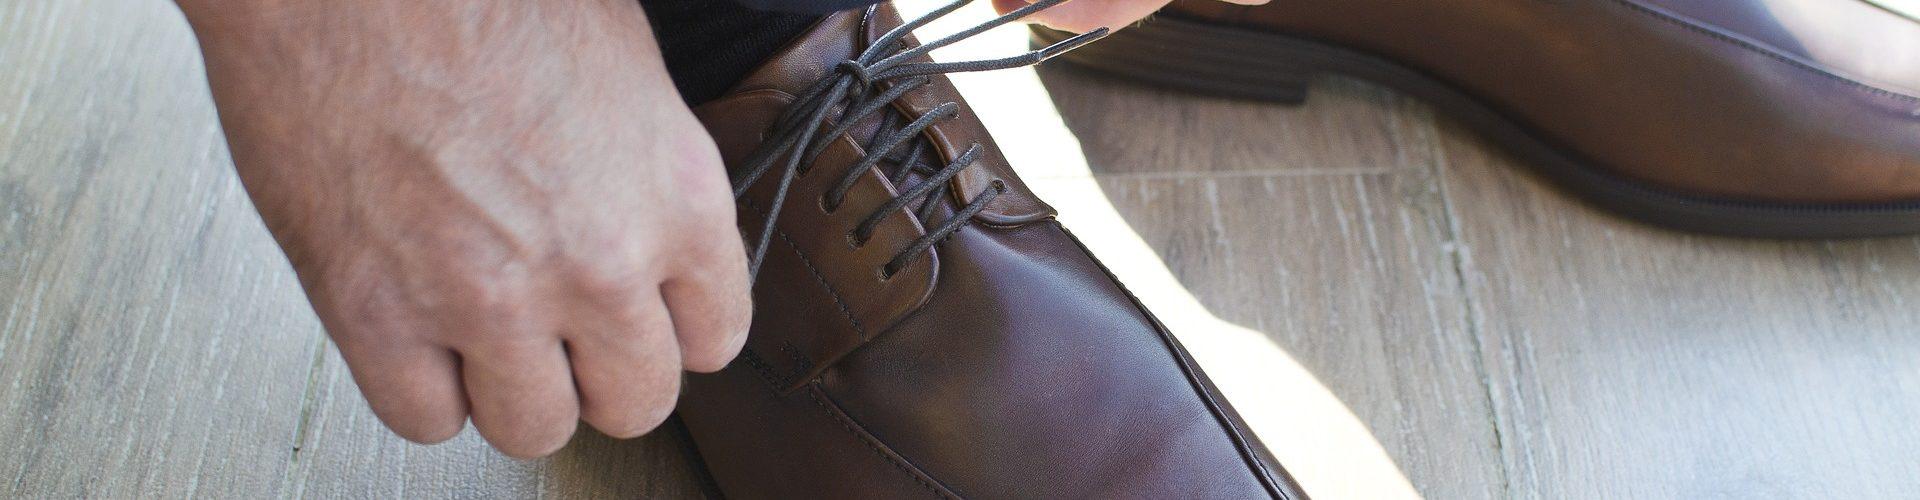 Die Schuhgrößentabelle Herren zeigt die internationalen Herrenschuhgrößen, wie die US Herrenschuhgrößen, die UK Herrenschuhgrößen und die D und EU Herrenschuhgrößen